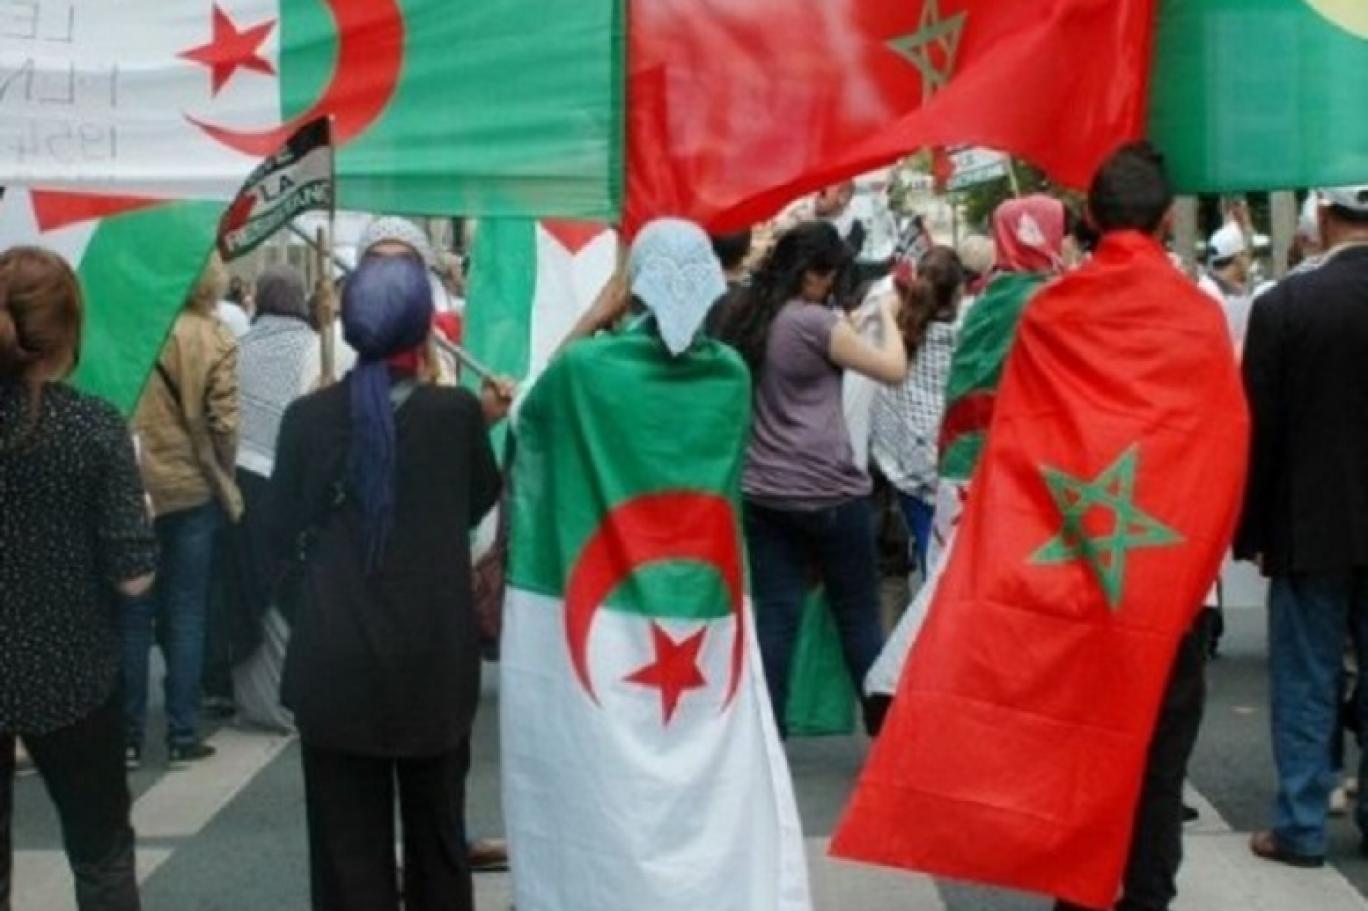 الجزائر تتهم من جديد المغرب بسبب العالم الافتراضي